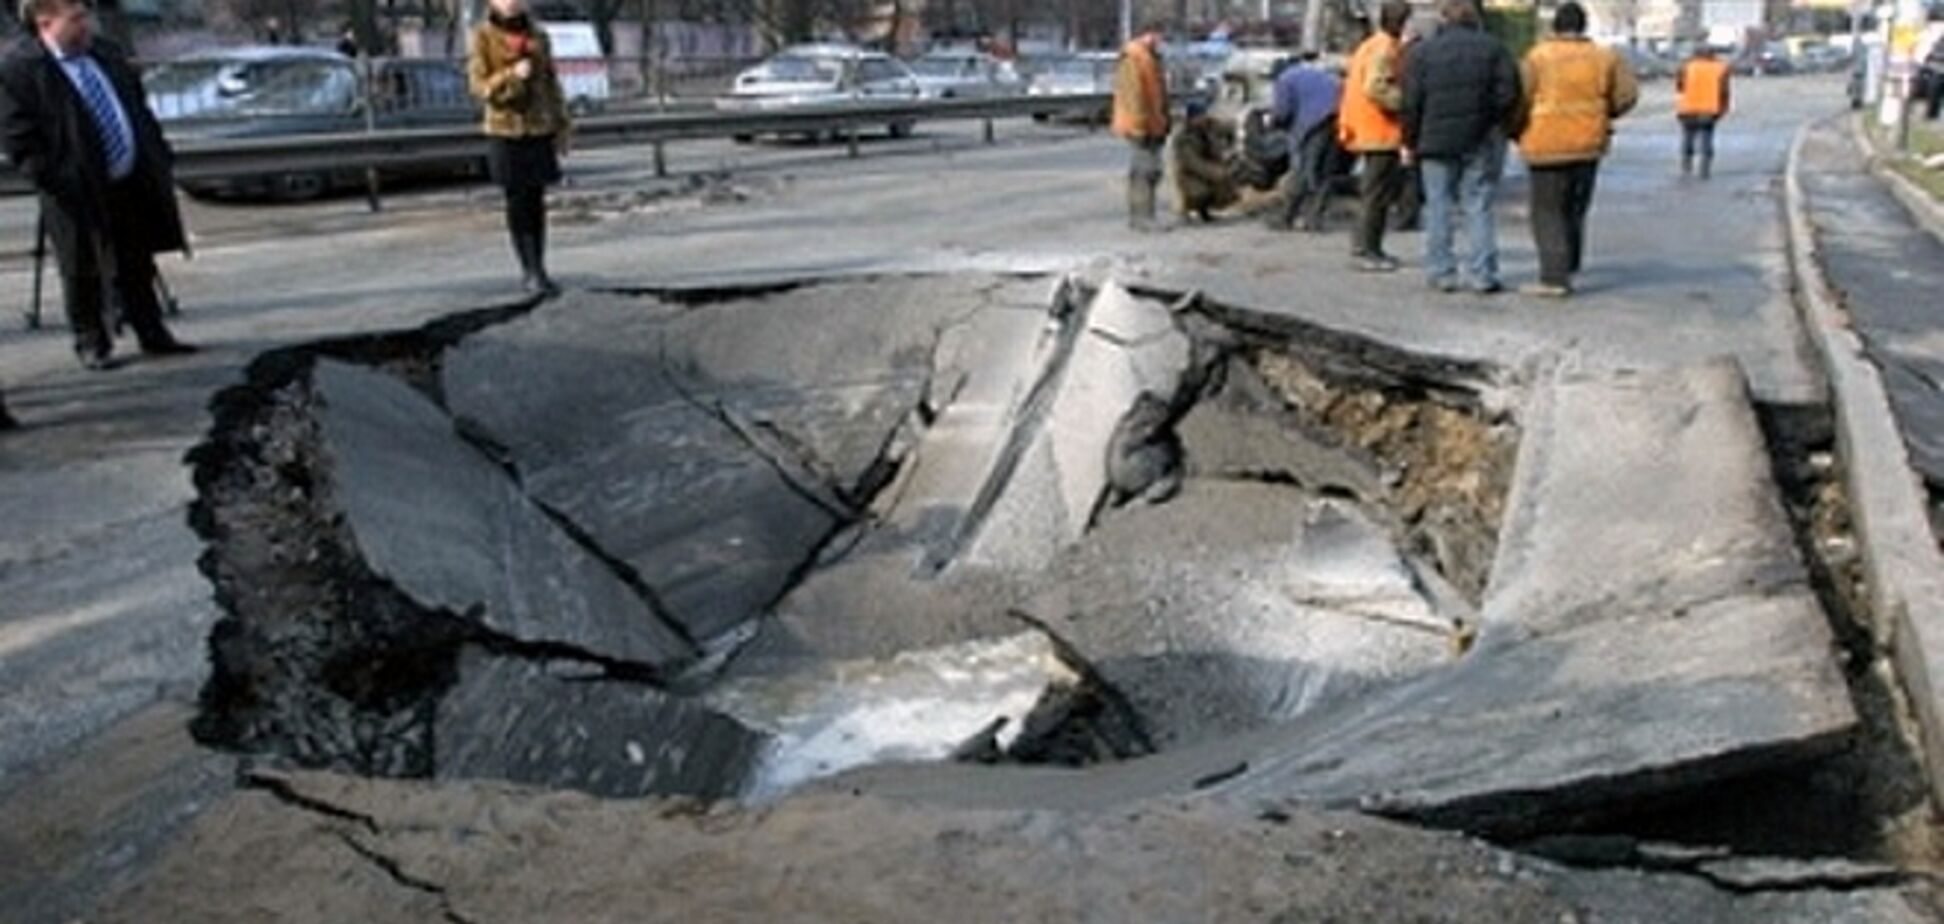 Рахунок на десятки тисяч: стало відомо, скільки ДТП трапляється в Україні через погані дороги